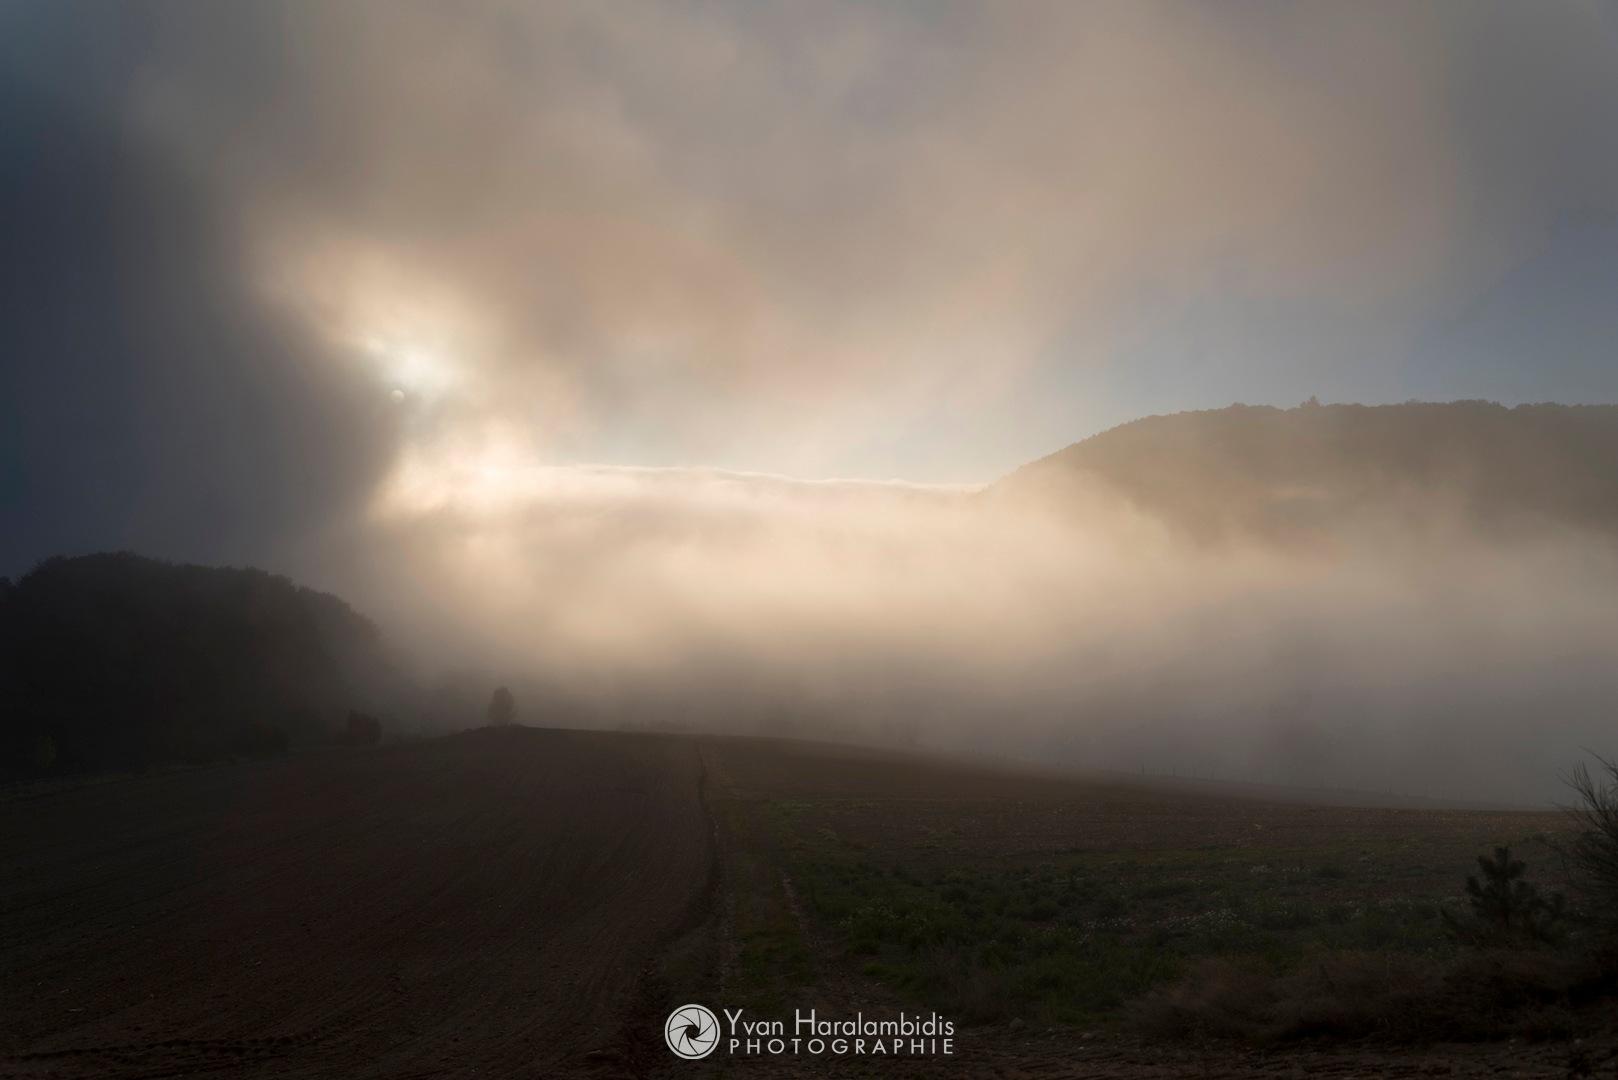 Sunbeam in fog by Yvan Haralambidis